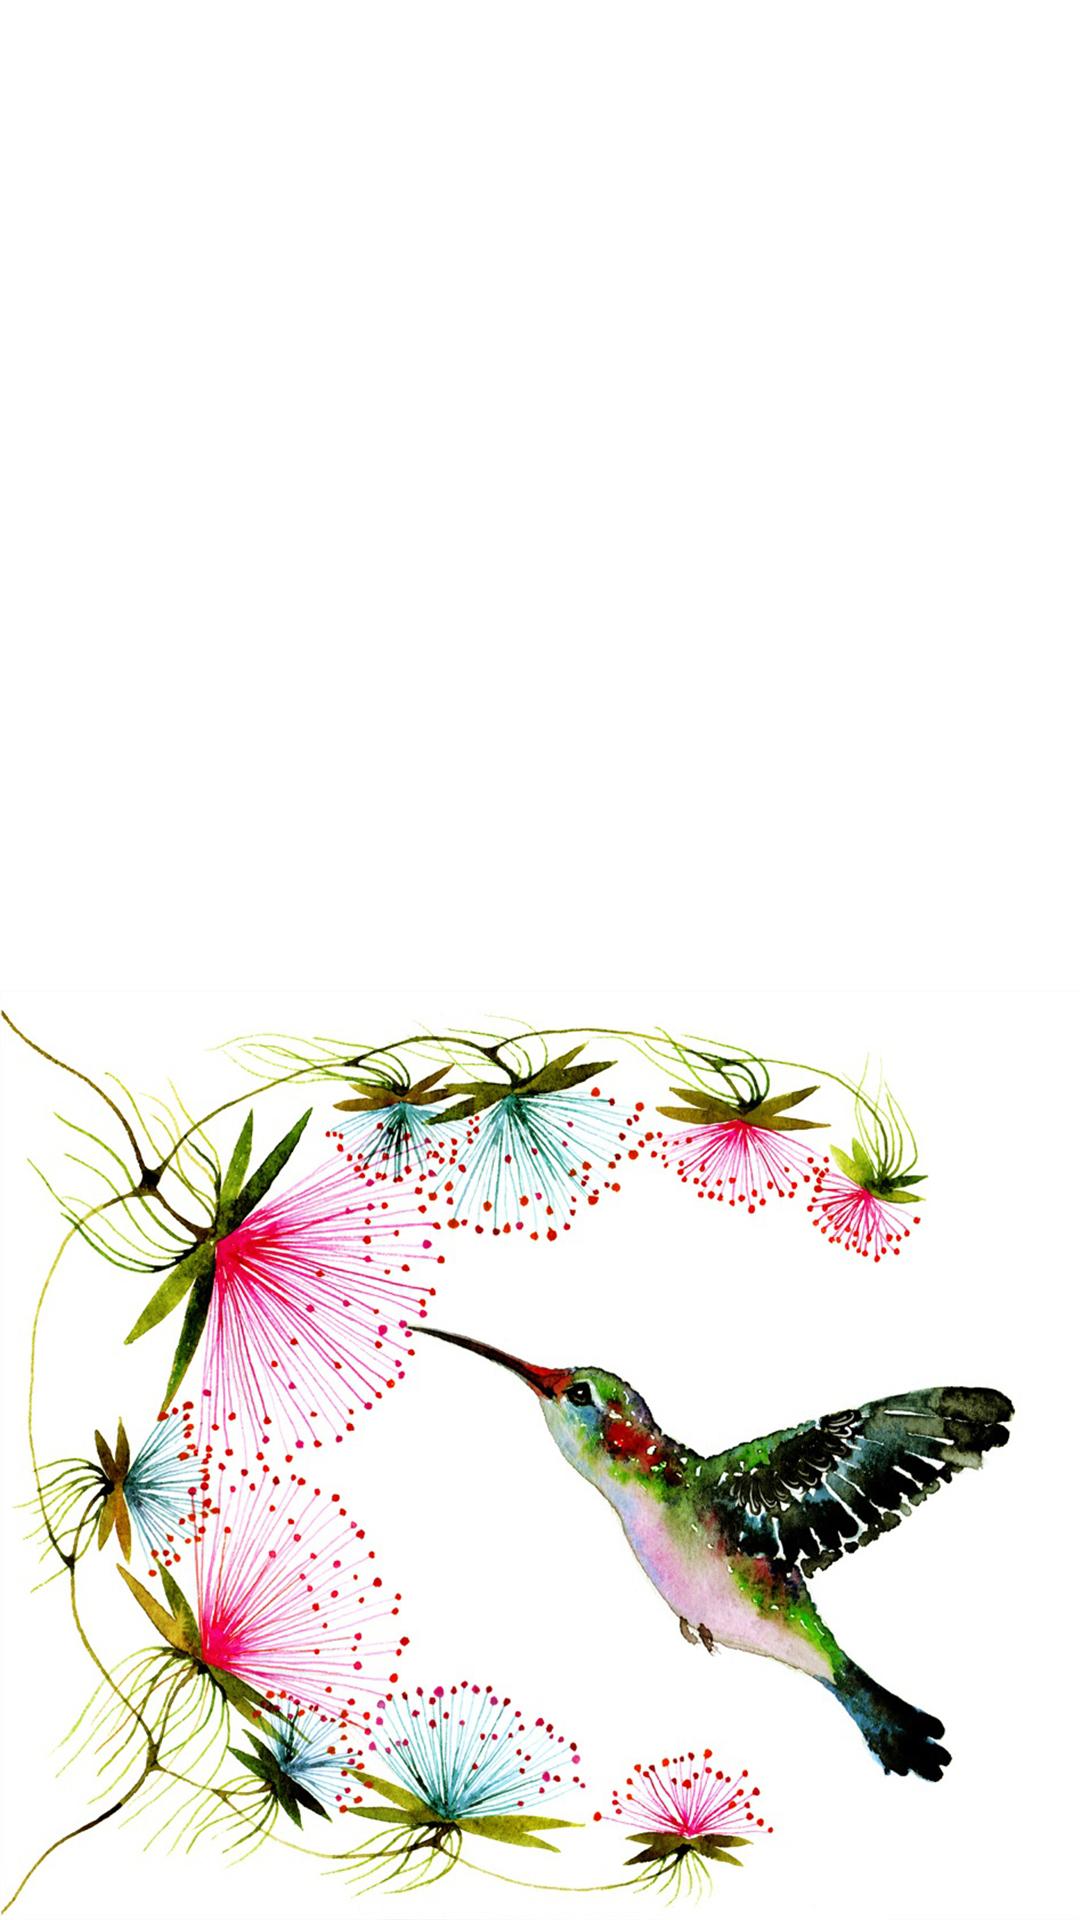 【v粉壁纸】好看的手绘小鸟高清壁纸